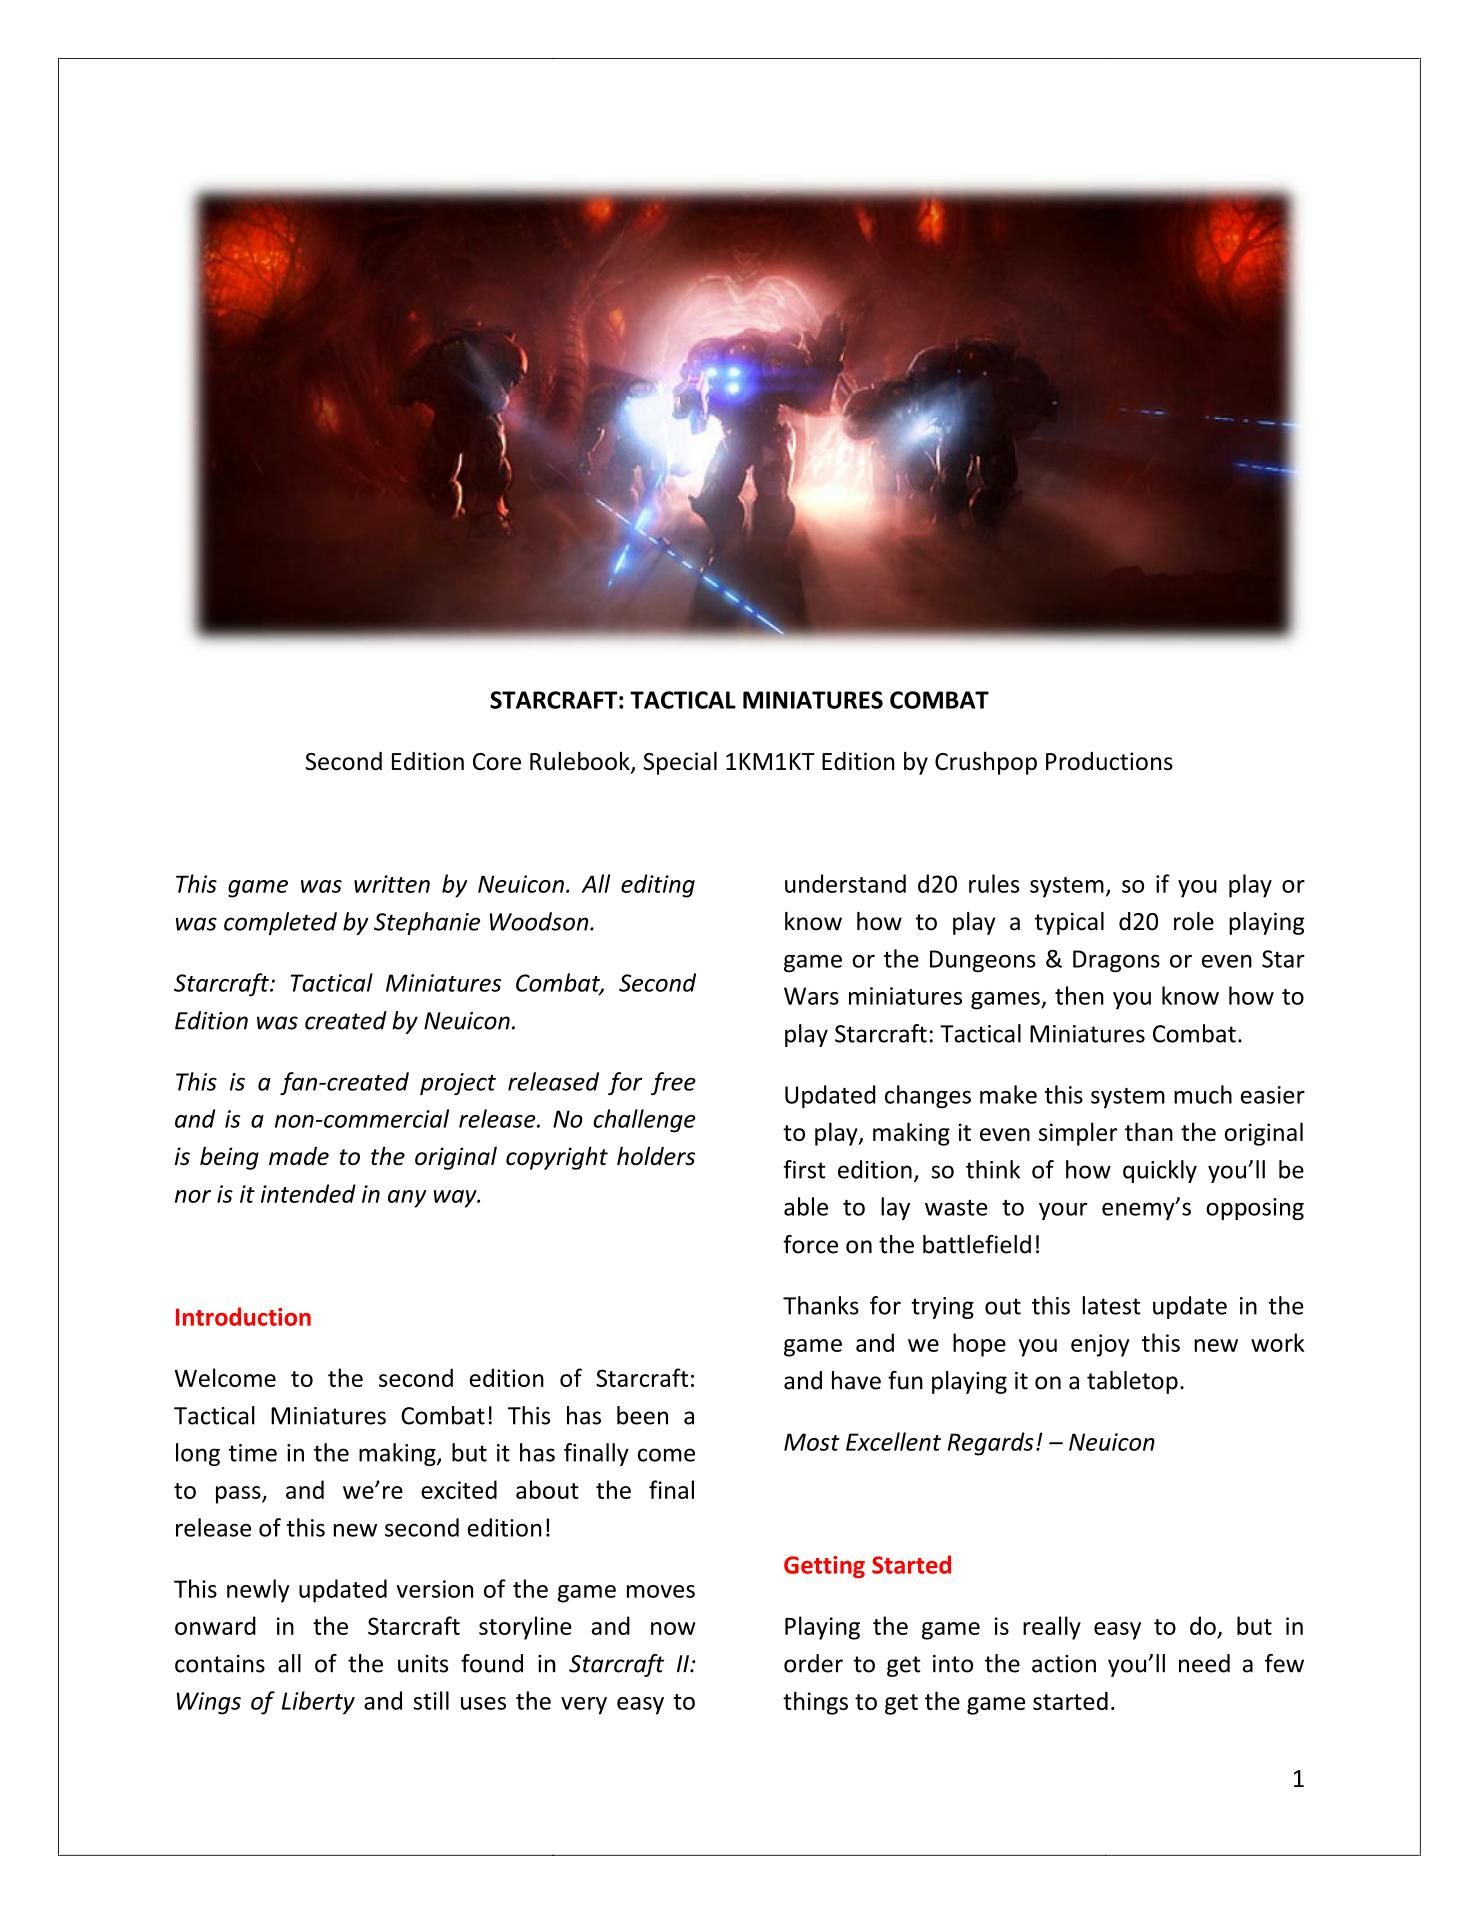 Starcraft: Tactical Miniatures Combat